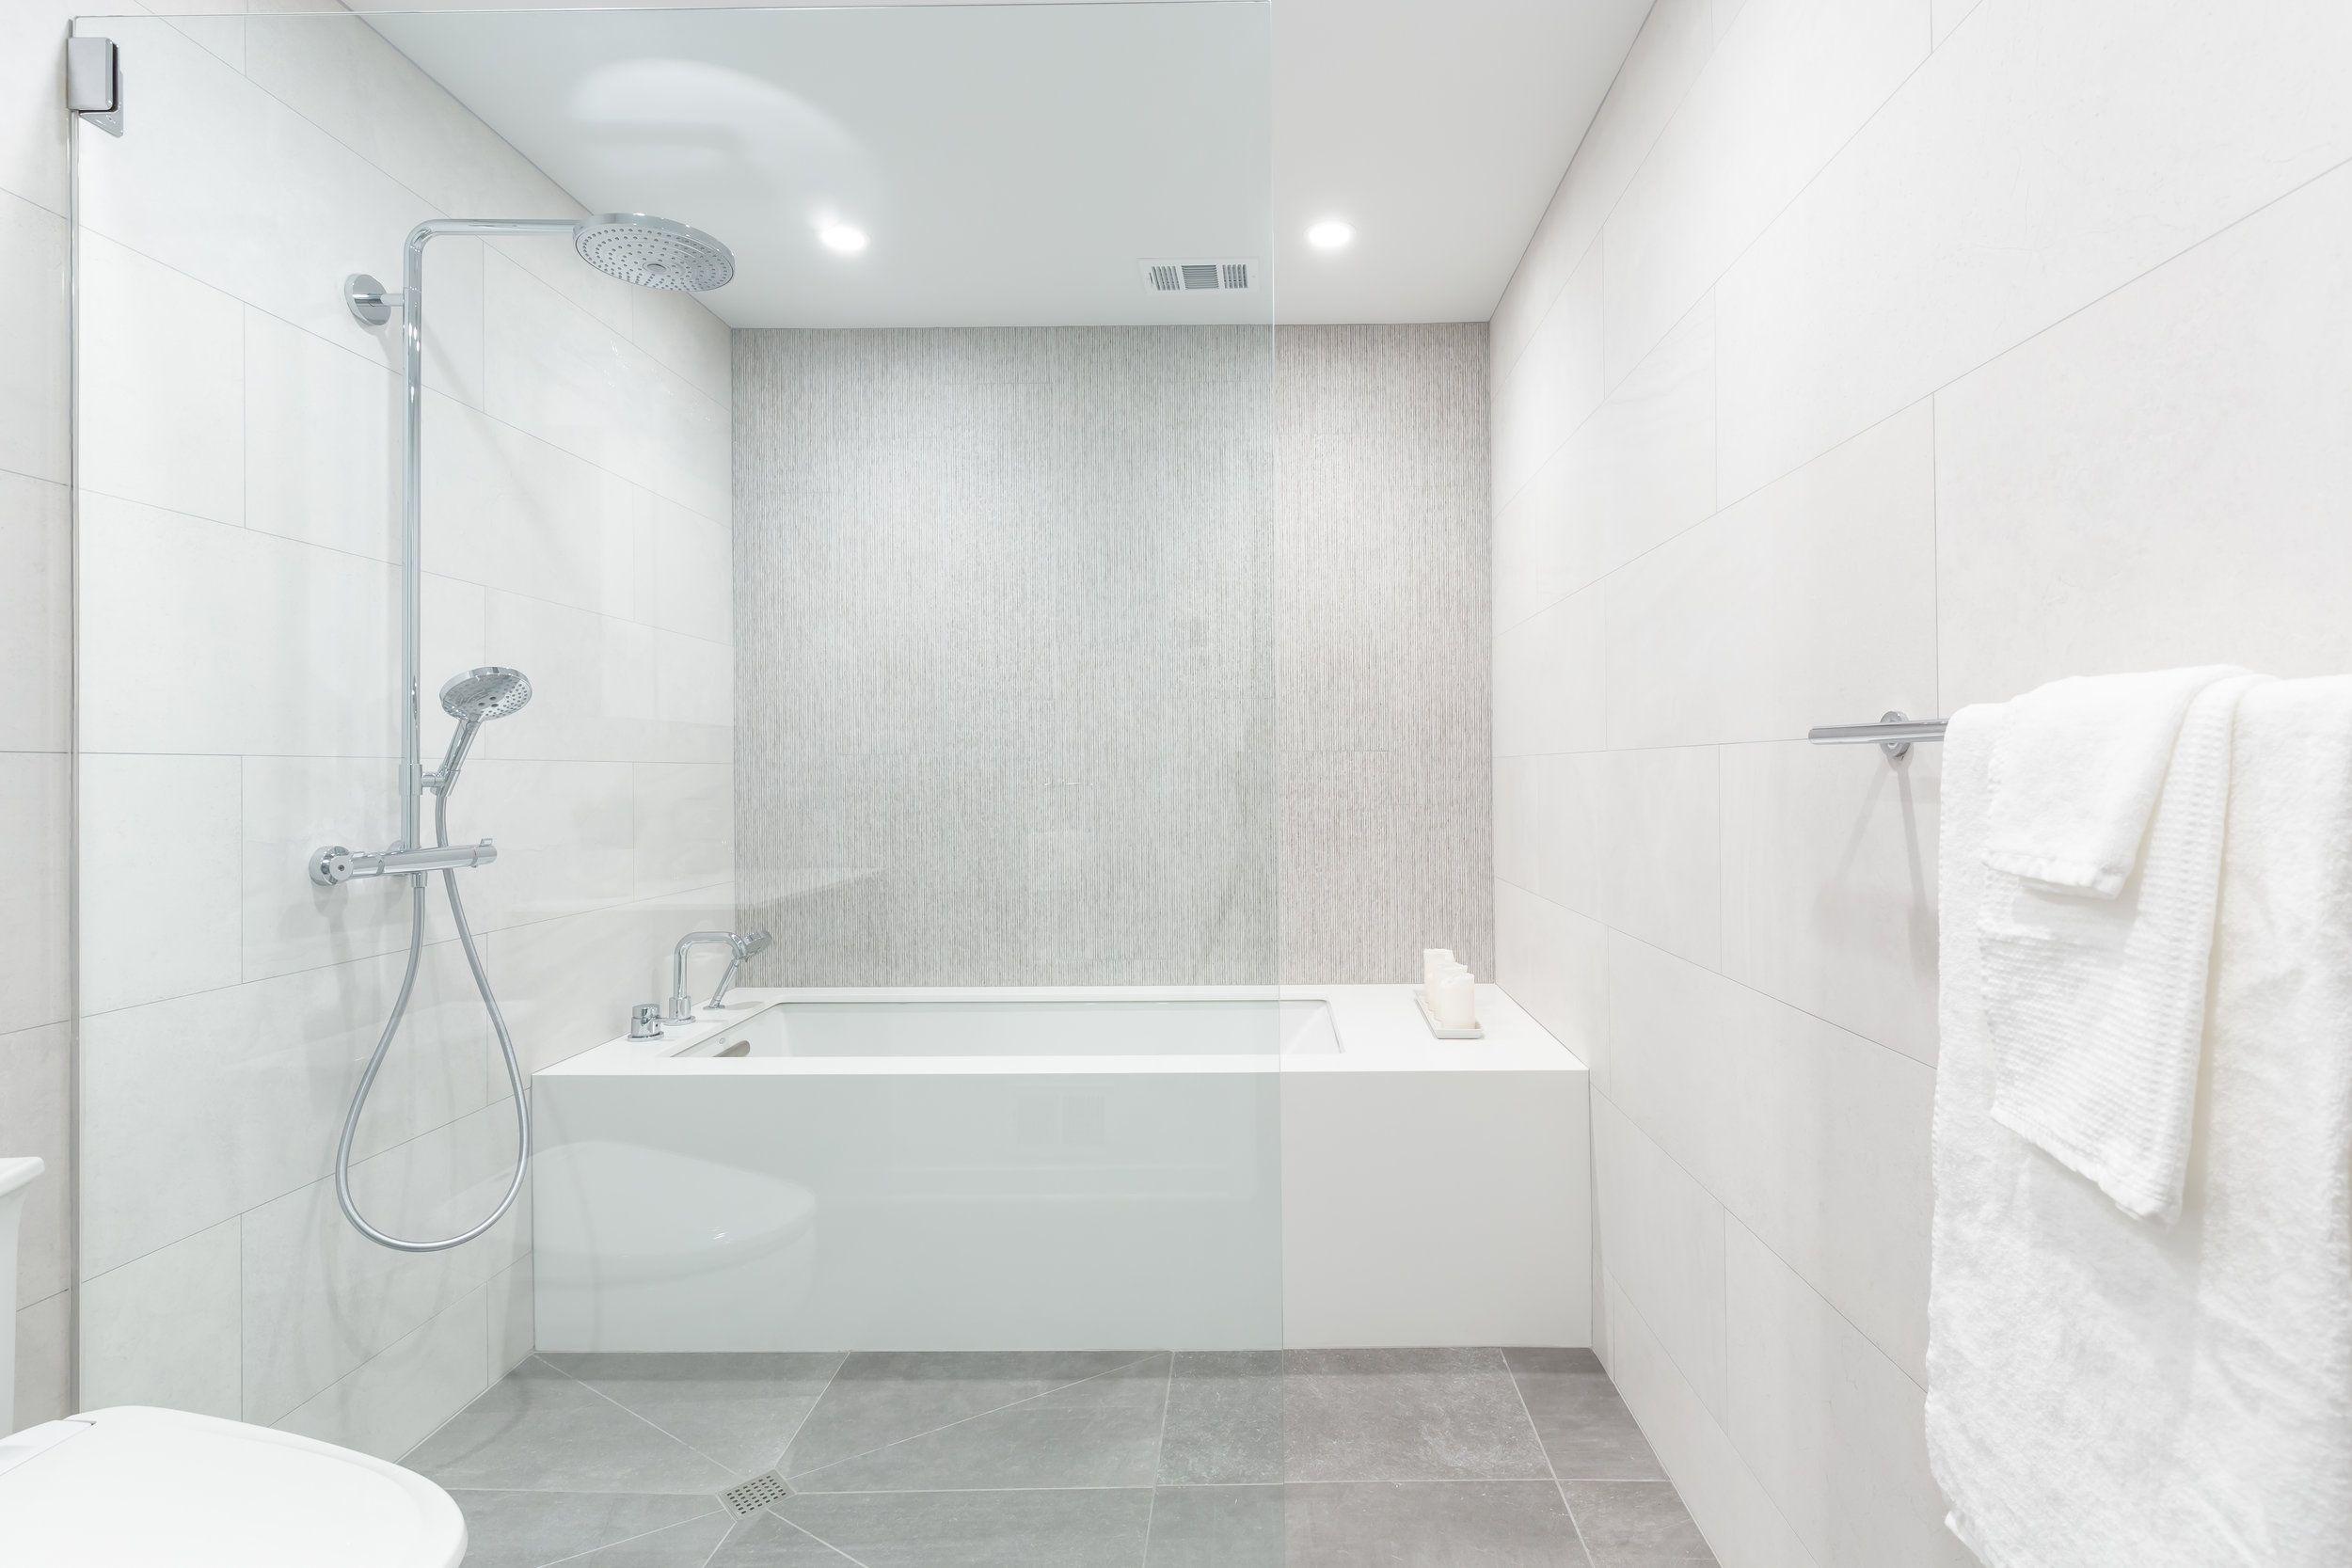 construction bathtub contemporary bath square with freddi waterfall bathroom faucet llc a br alex r b